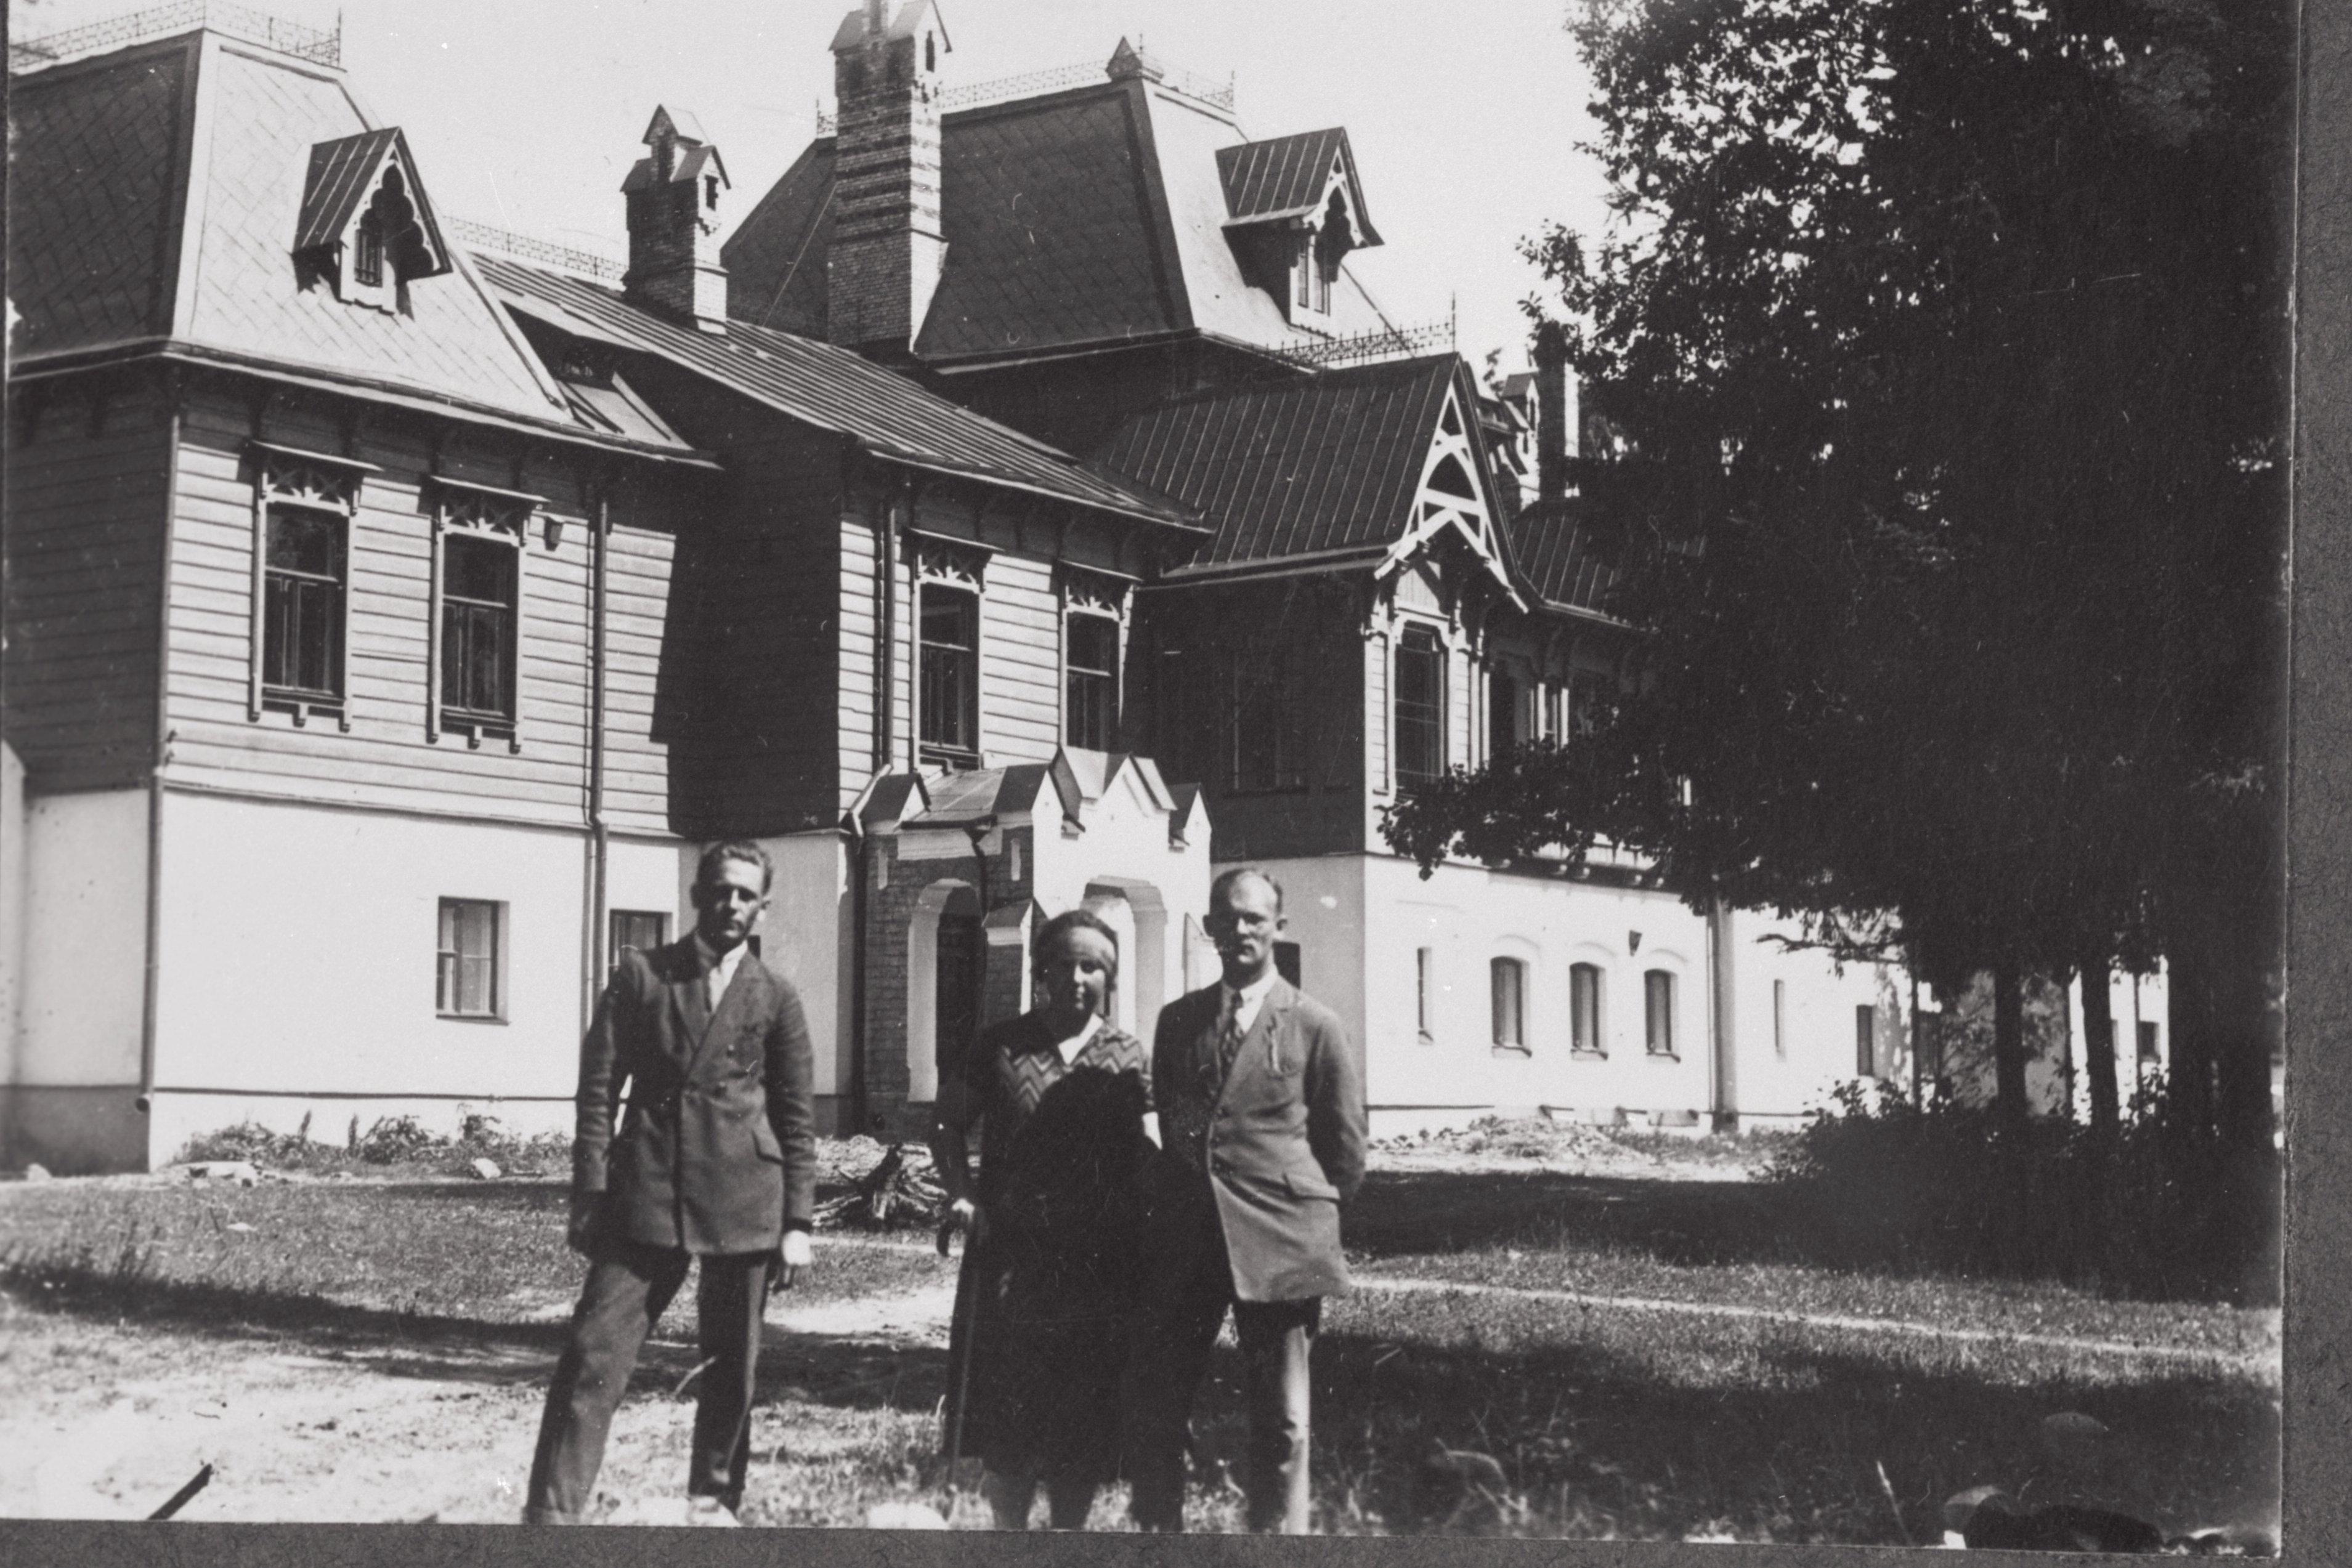 Üliõpilasseltsi Raimla liikmed reisil mööda Eestimaad. Vaivara mõisahoone omaaegses hiilguses, 1926. EFA.134A-76-15